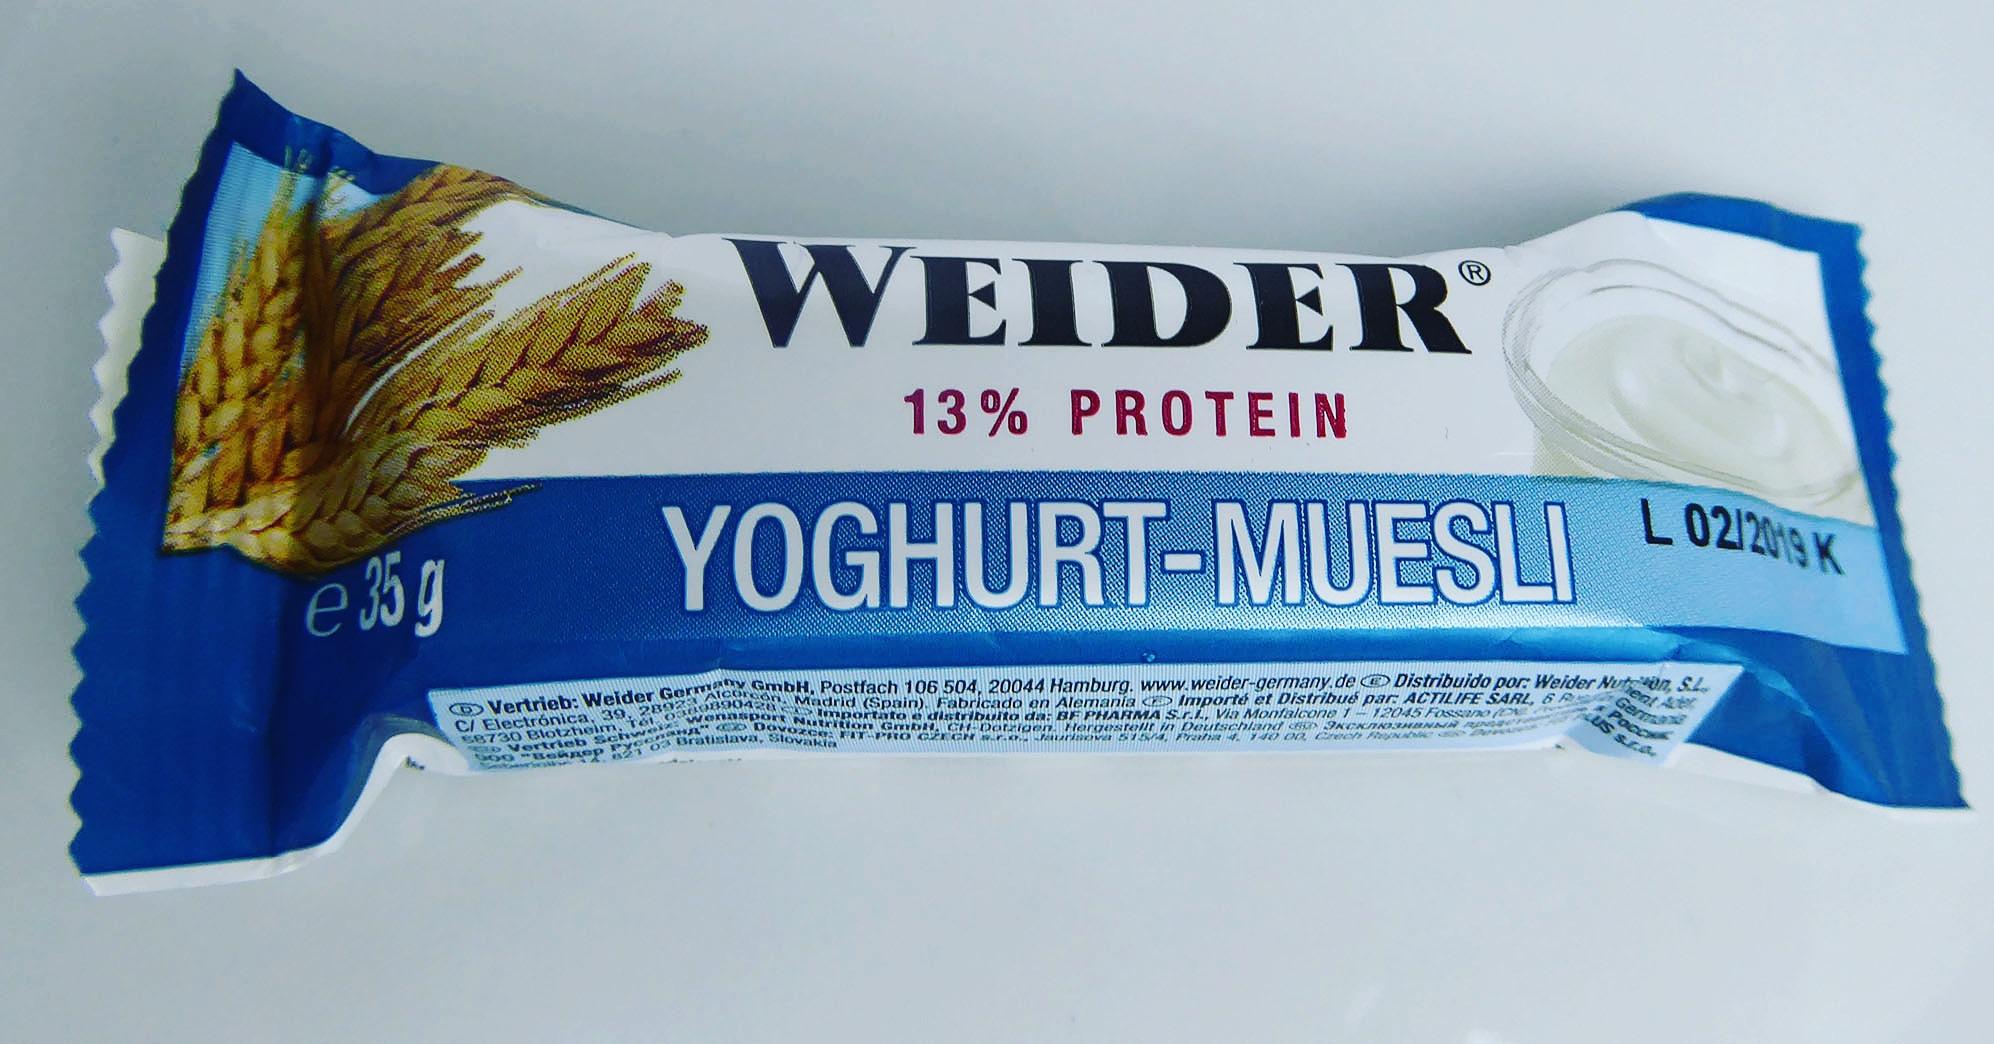 Weider Yoghurt Muesli Protein Bar Joghurt Müsli Eiweißriegel Proteinriegel